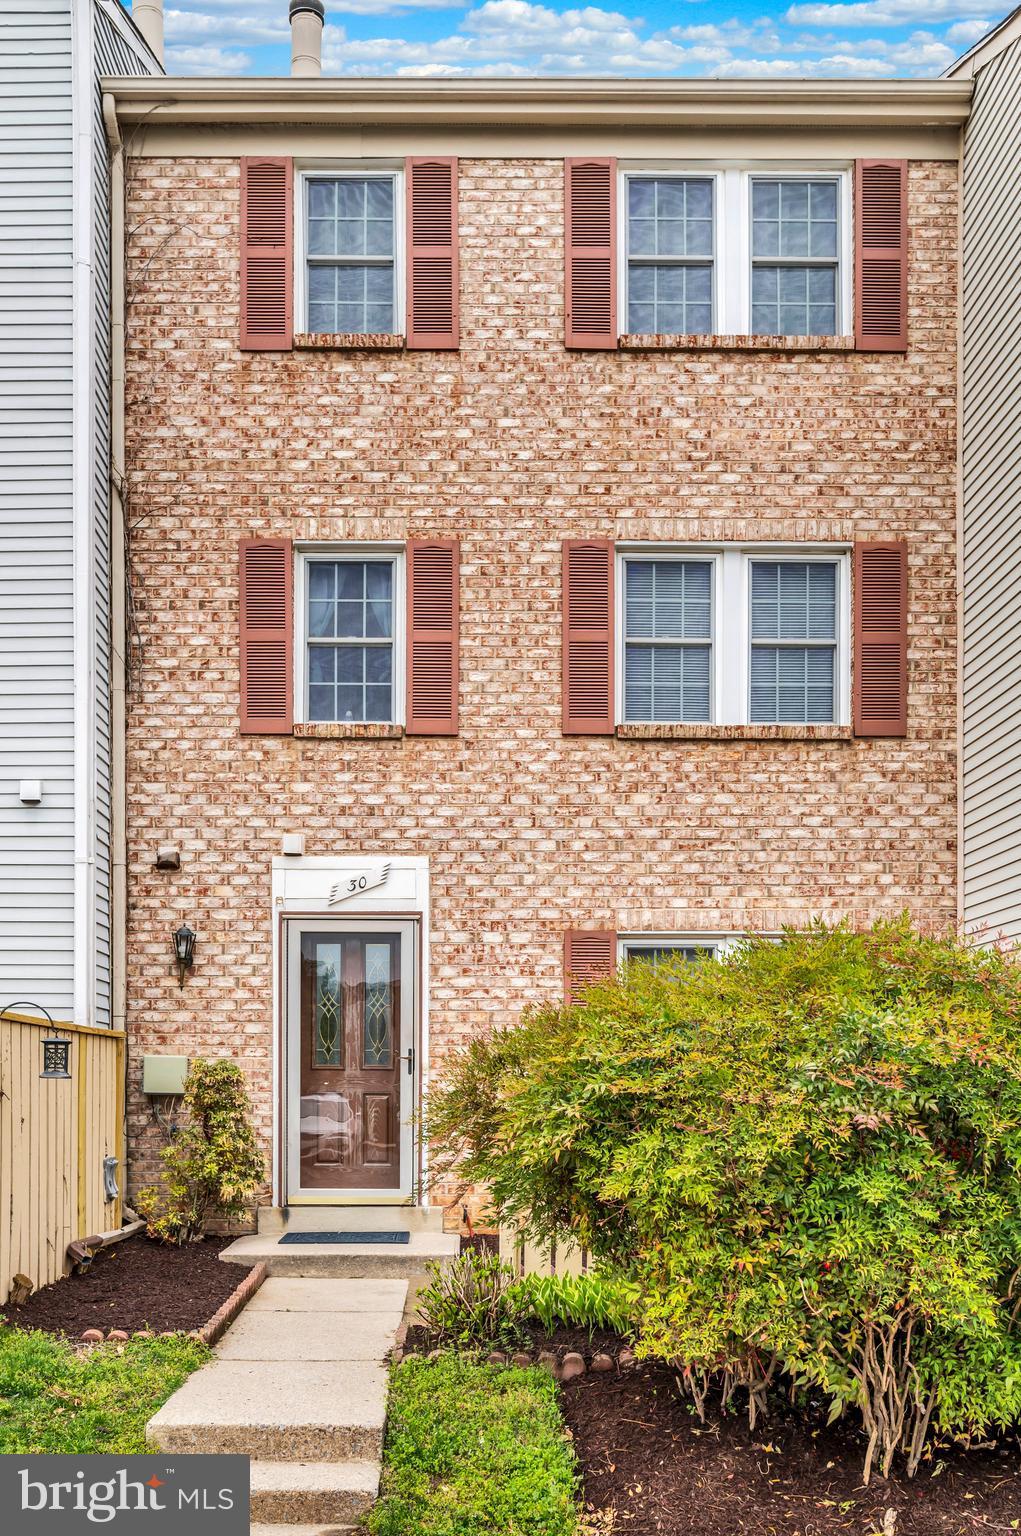 30 APPLEDOWRE COURT, GERMANTOWN, Maryland 20876, 3 Bedrooms Bedrooms, ,3 BathroomsBathrooms,Condominium,For Sale,30 APPLEDOWRE COURT,MDMC755084